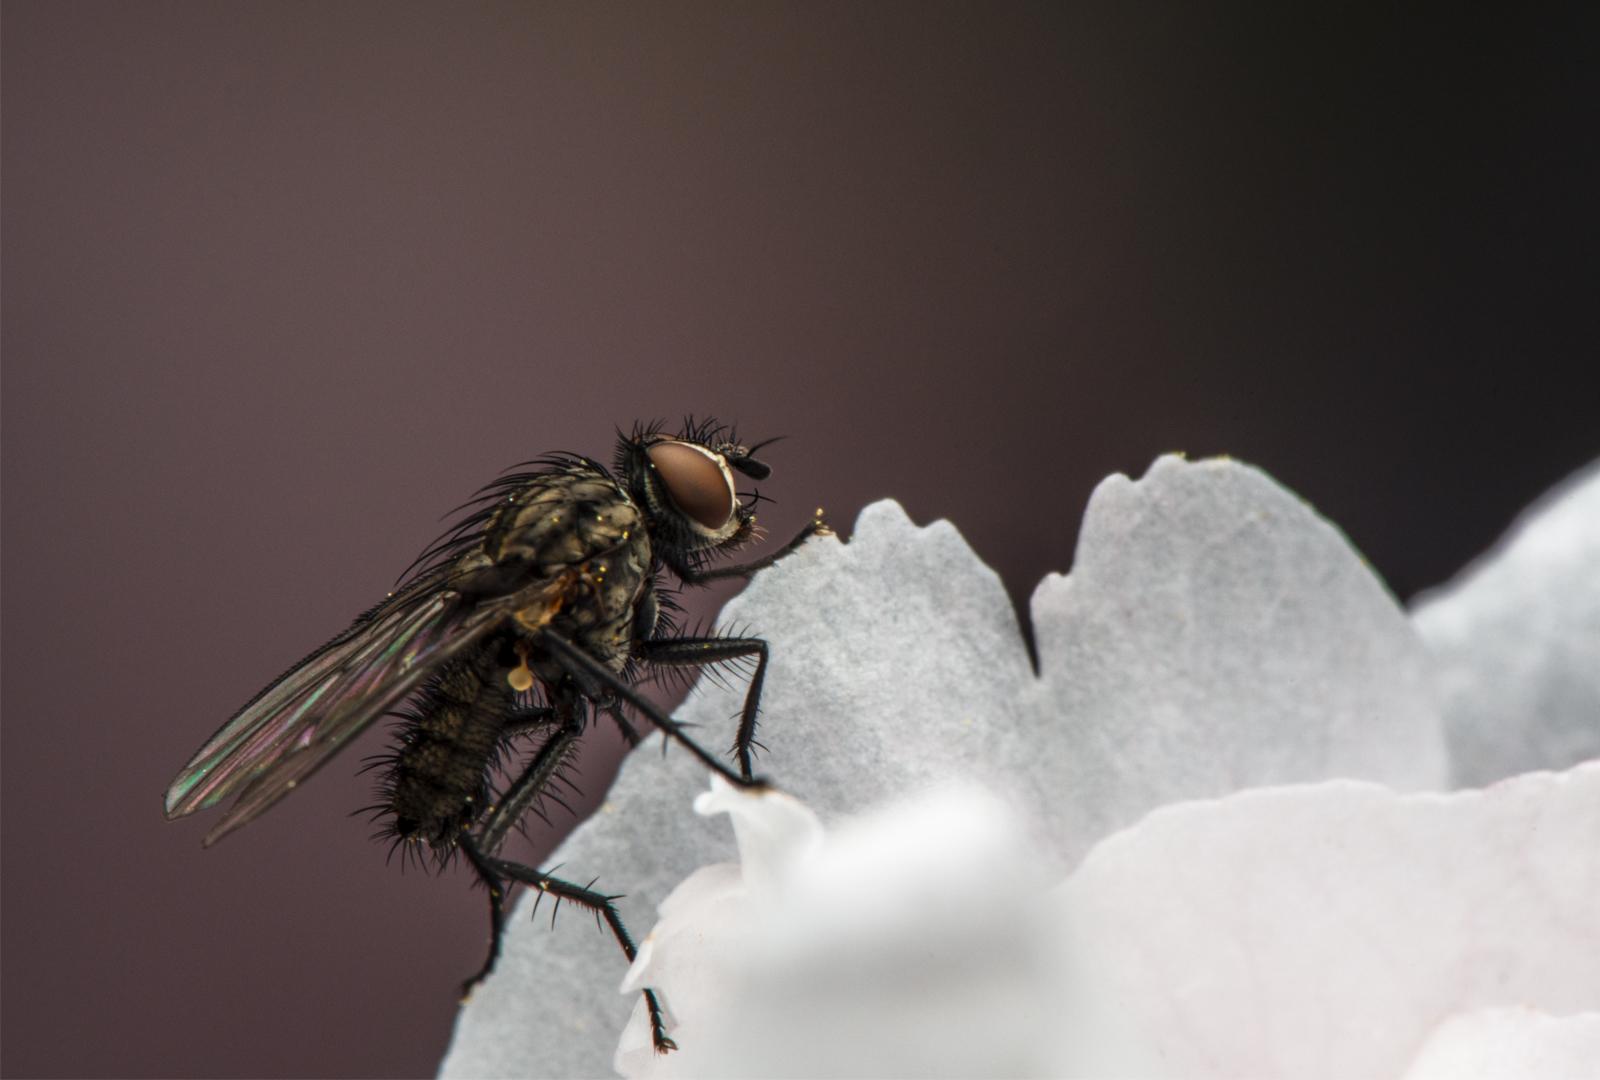 tiff-0153-vllieg - Anthomyiidae sp